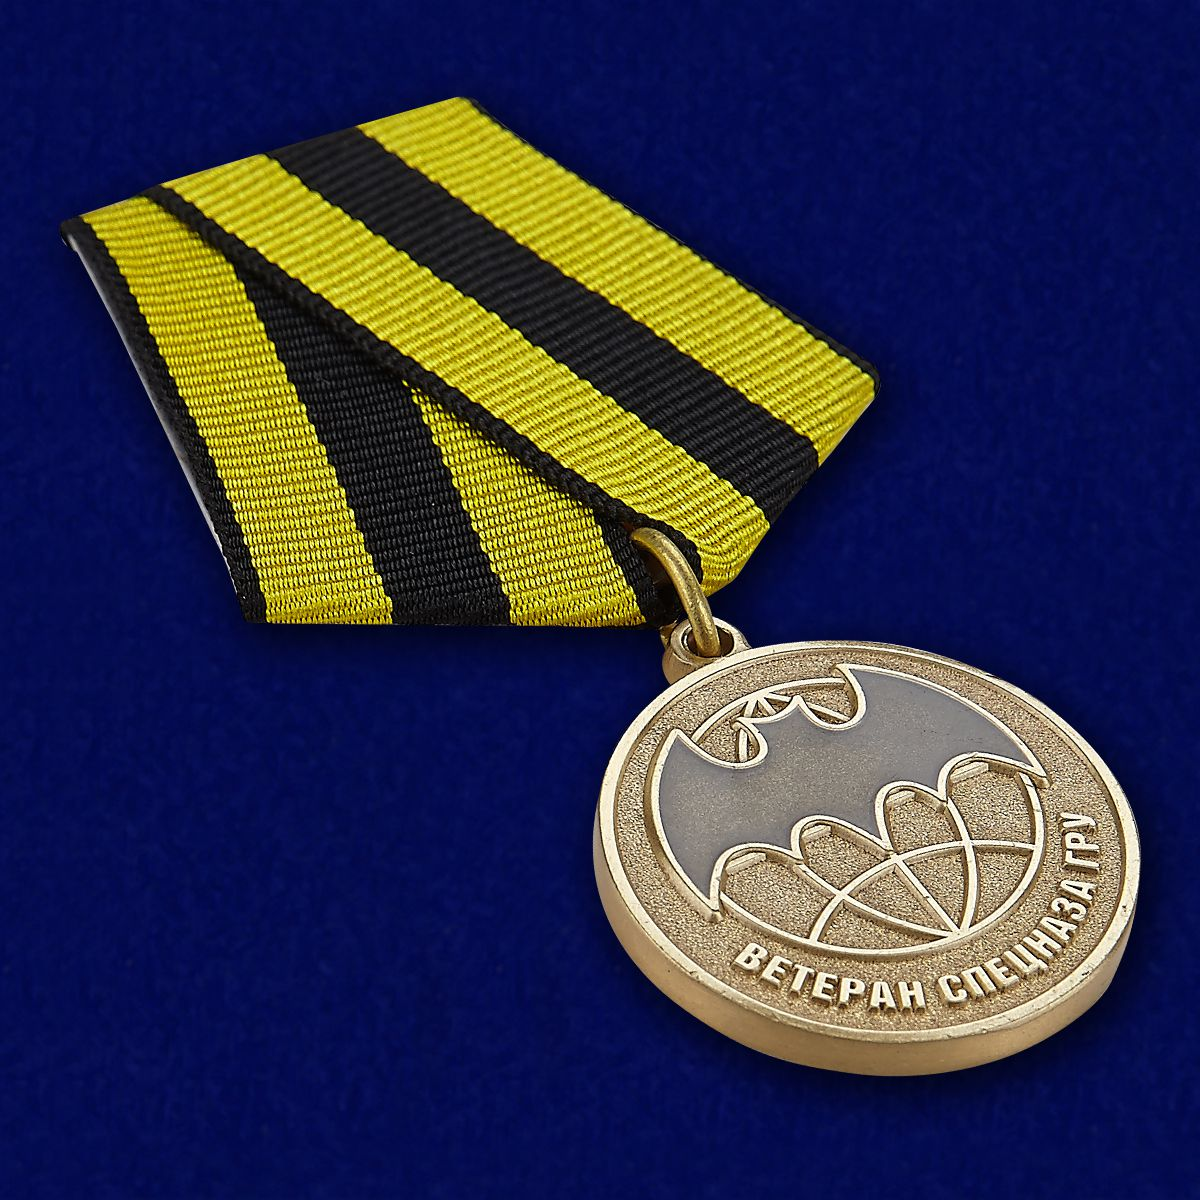 Медаль Ветеран Спецназа ГРУ  в футляре с удостоверением - общий вид